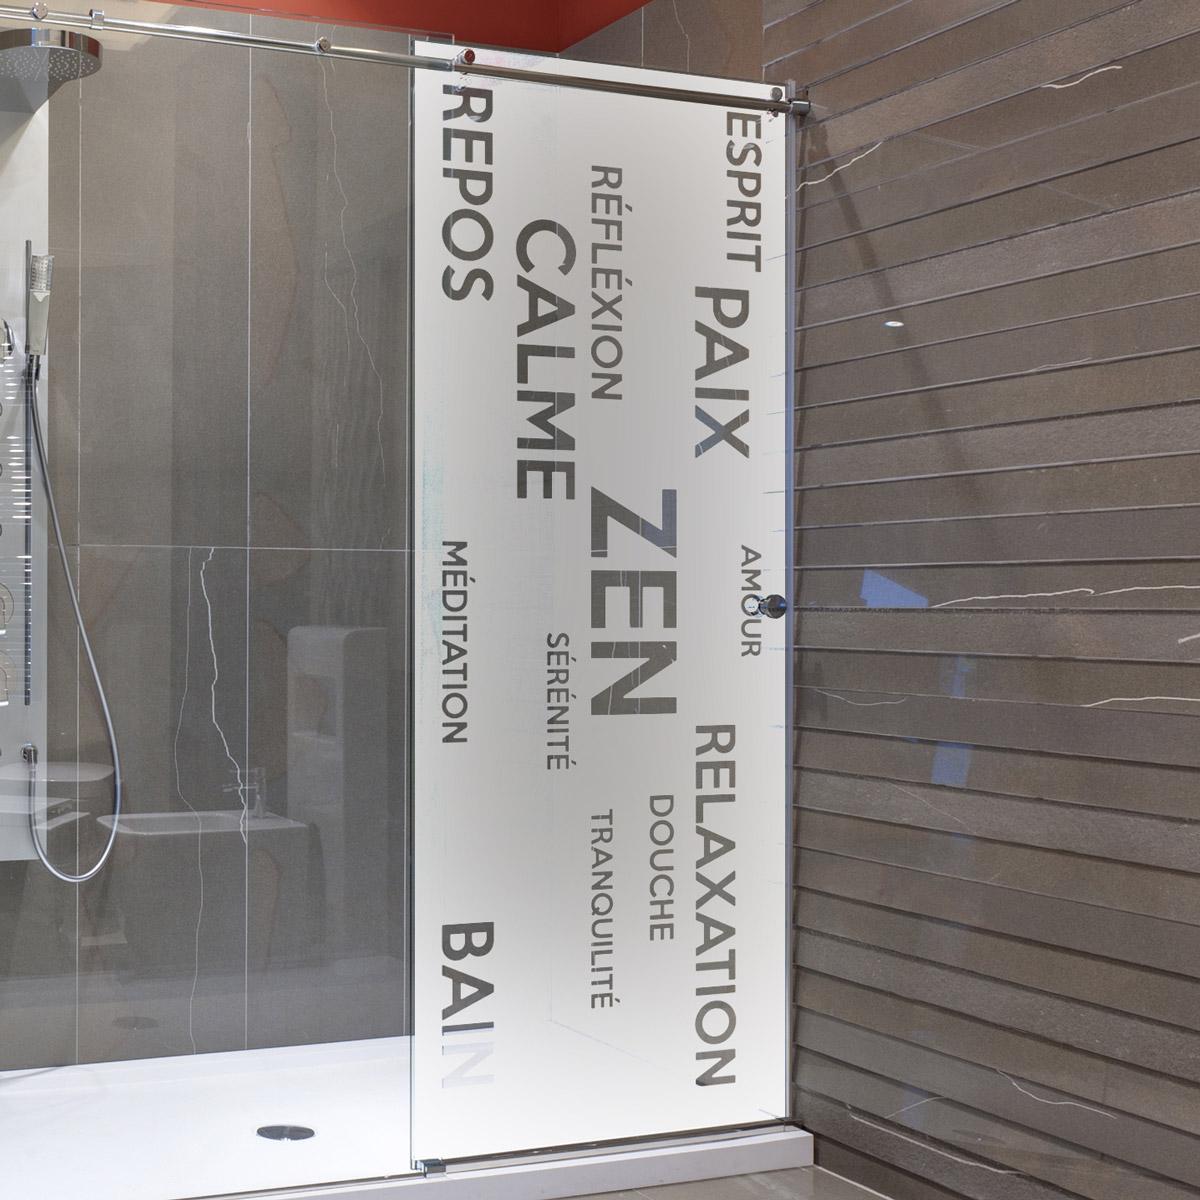 sticker porte de douche zen amour bain stickers salle de bain porte de douche. Black Bedroom Furniture Sets. Home Design Ideas